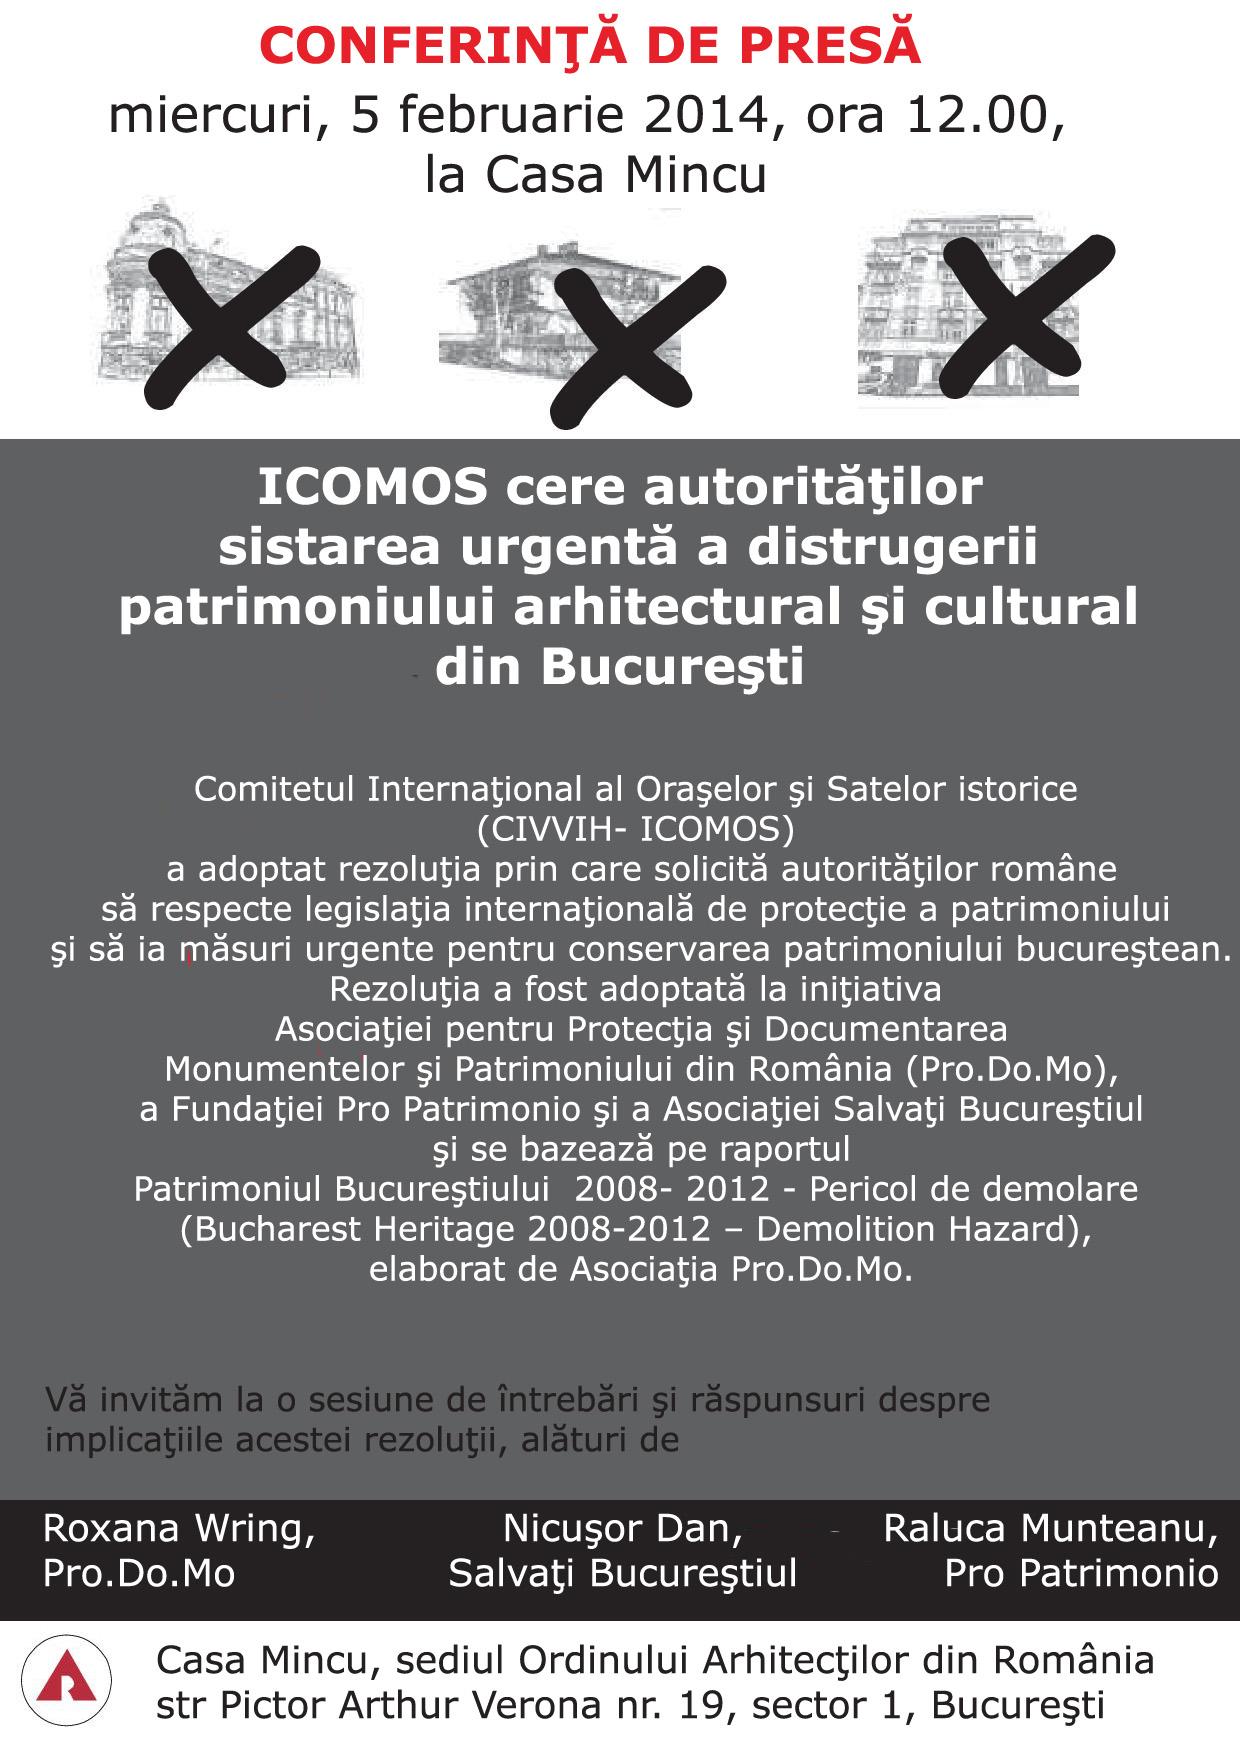 14_02_03_Invitatie_conferinta_de_presa_ICOMOS